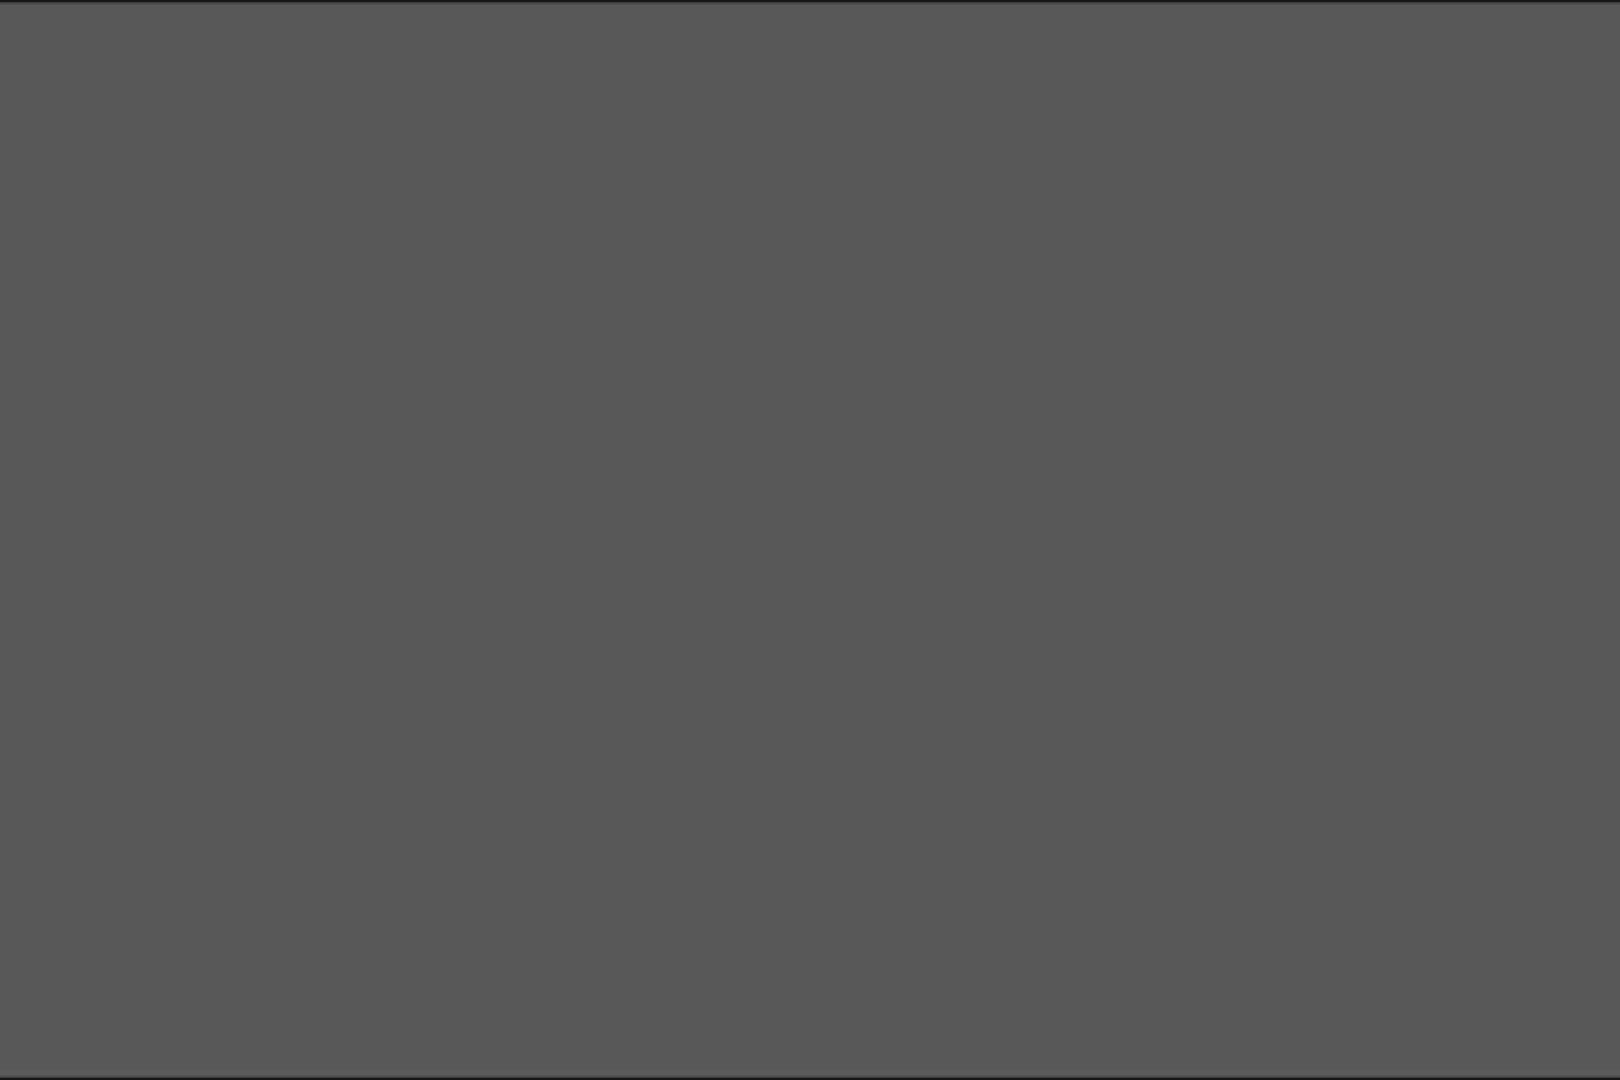 マンコ丸見え女子洗面所Vol.18 エロティックなOL | ギャルのエロ動画  84画像 21